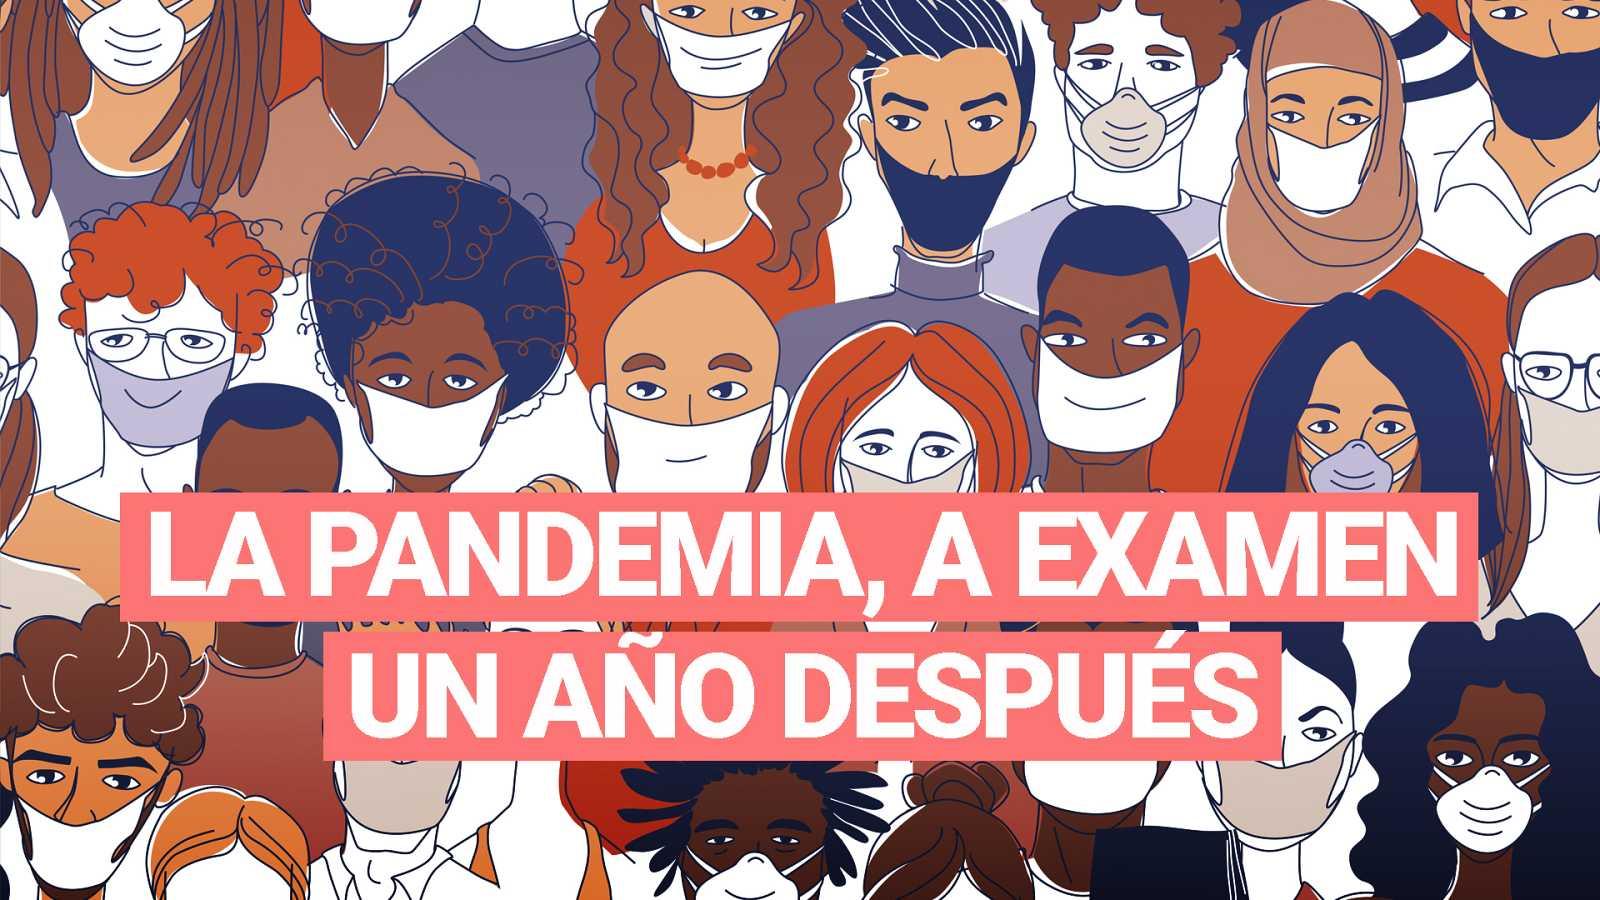 La pandemia, a examen un año después